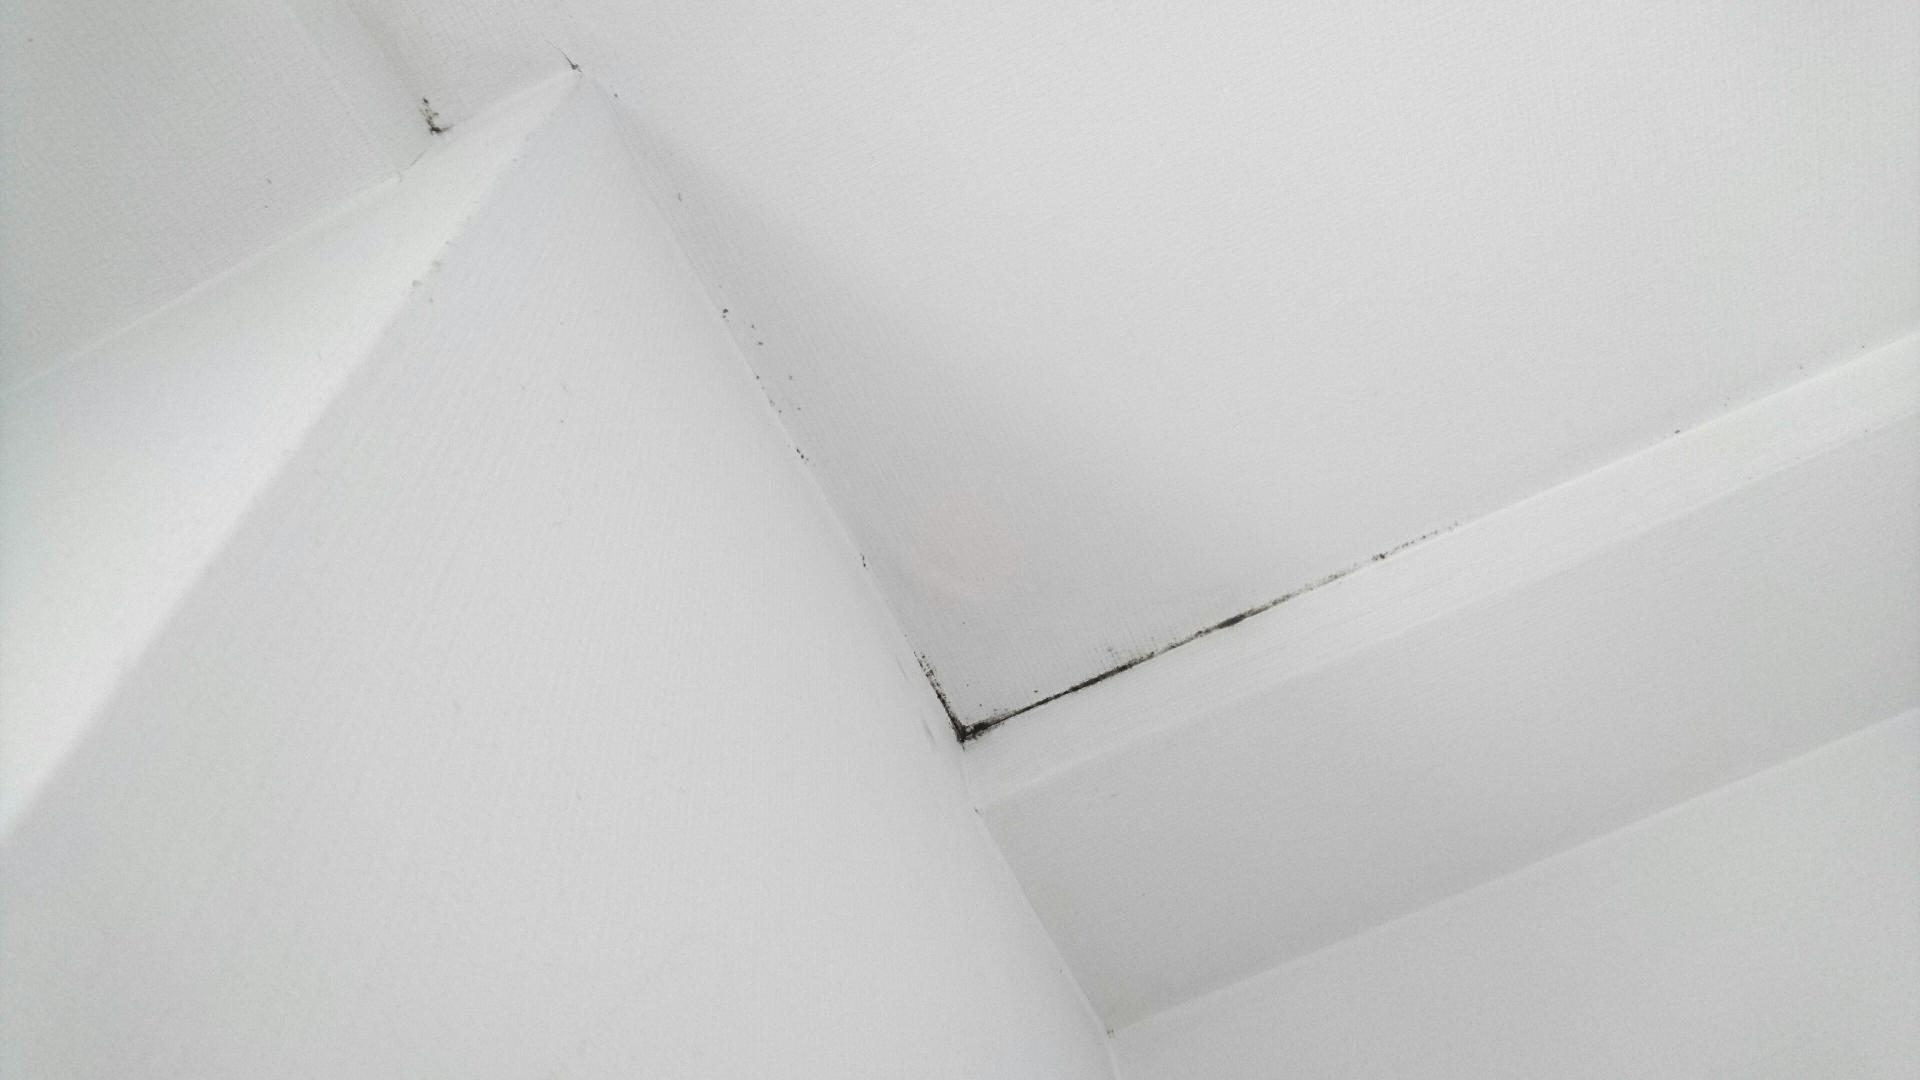 室内の漆喰や珪藻土に発生するカビ(家の中心部の場合)